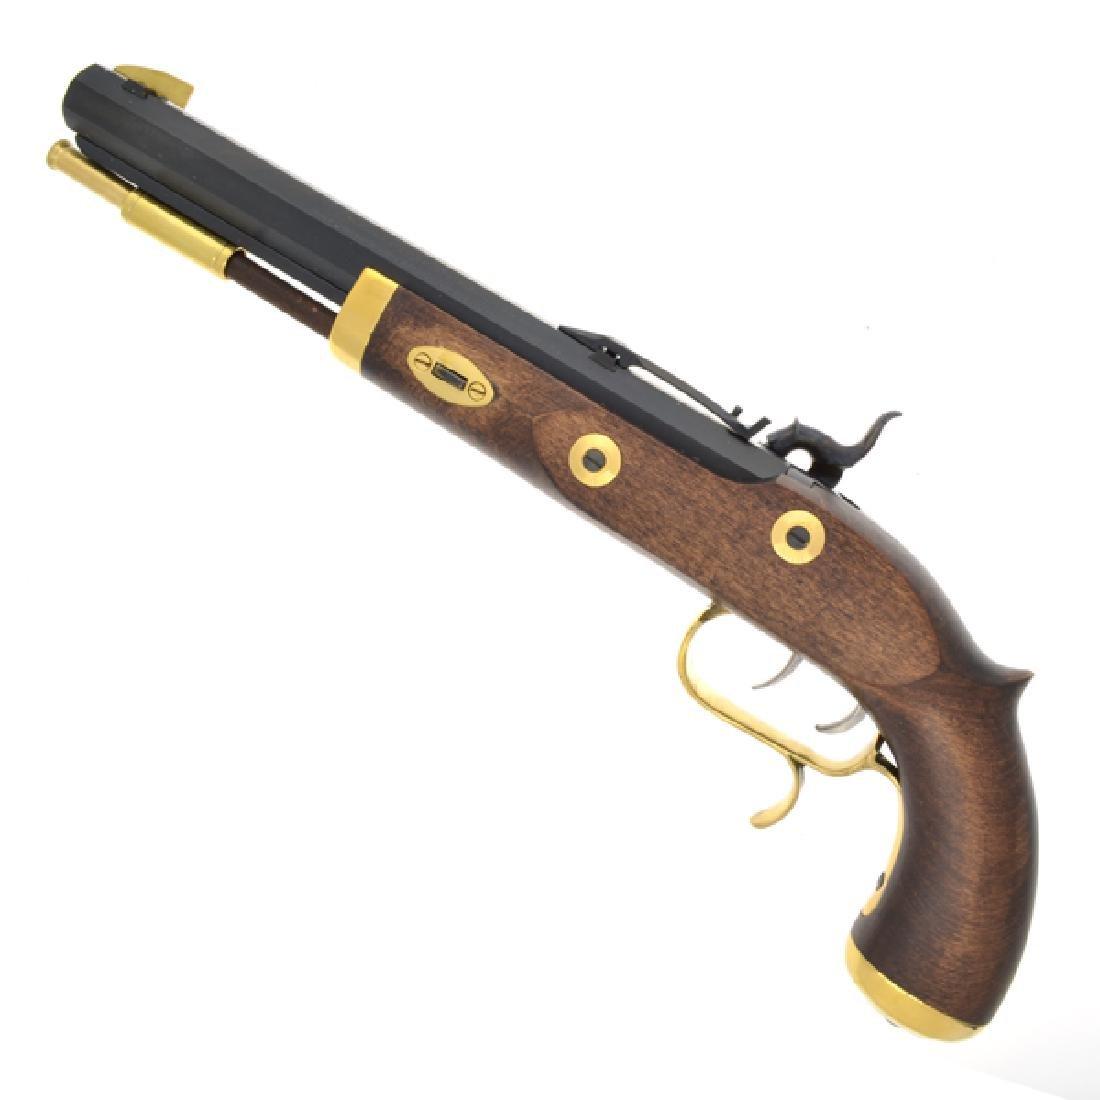 .50 Cal Blued Barrel Trapper Pistol (No Gun Sales To: - 2